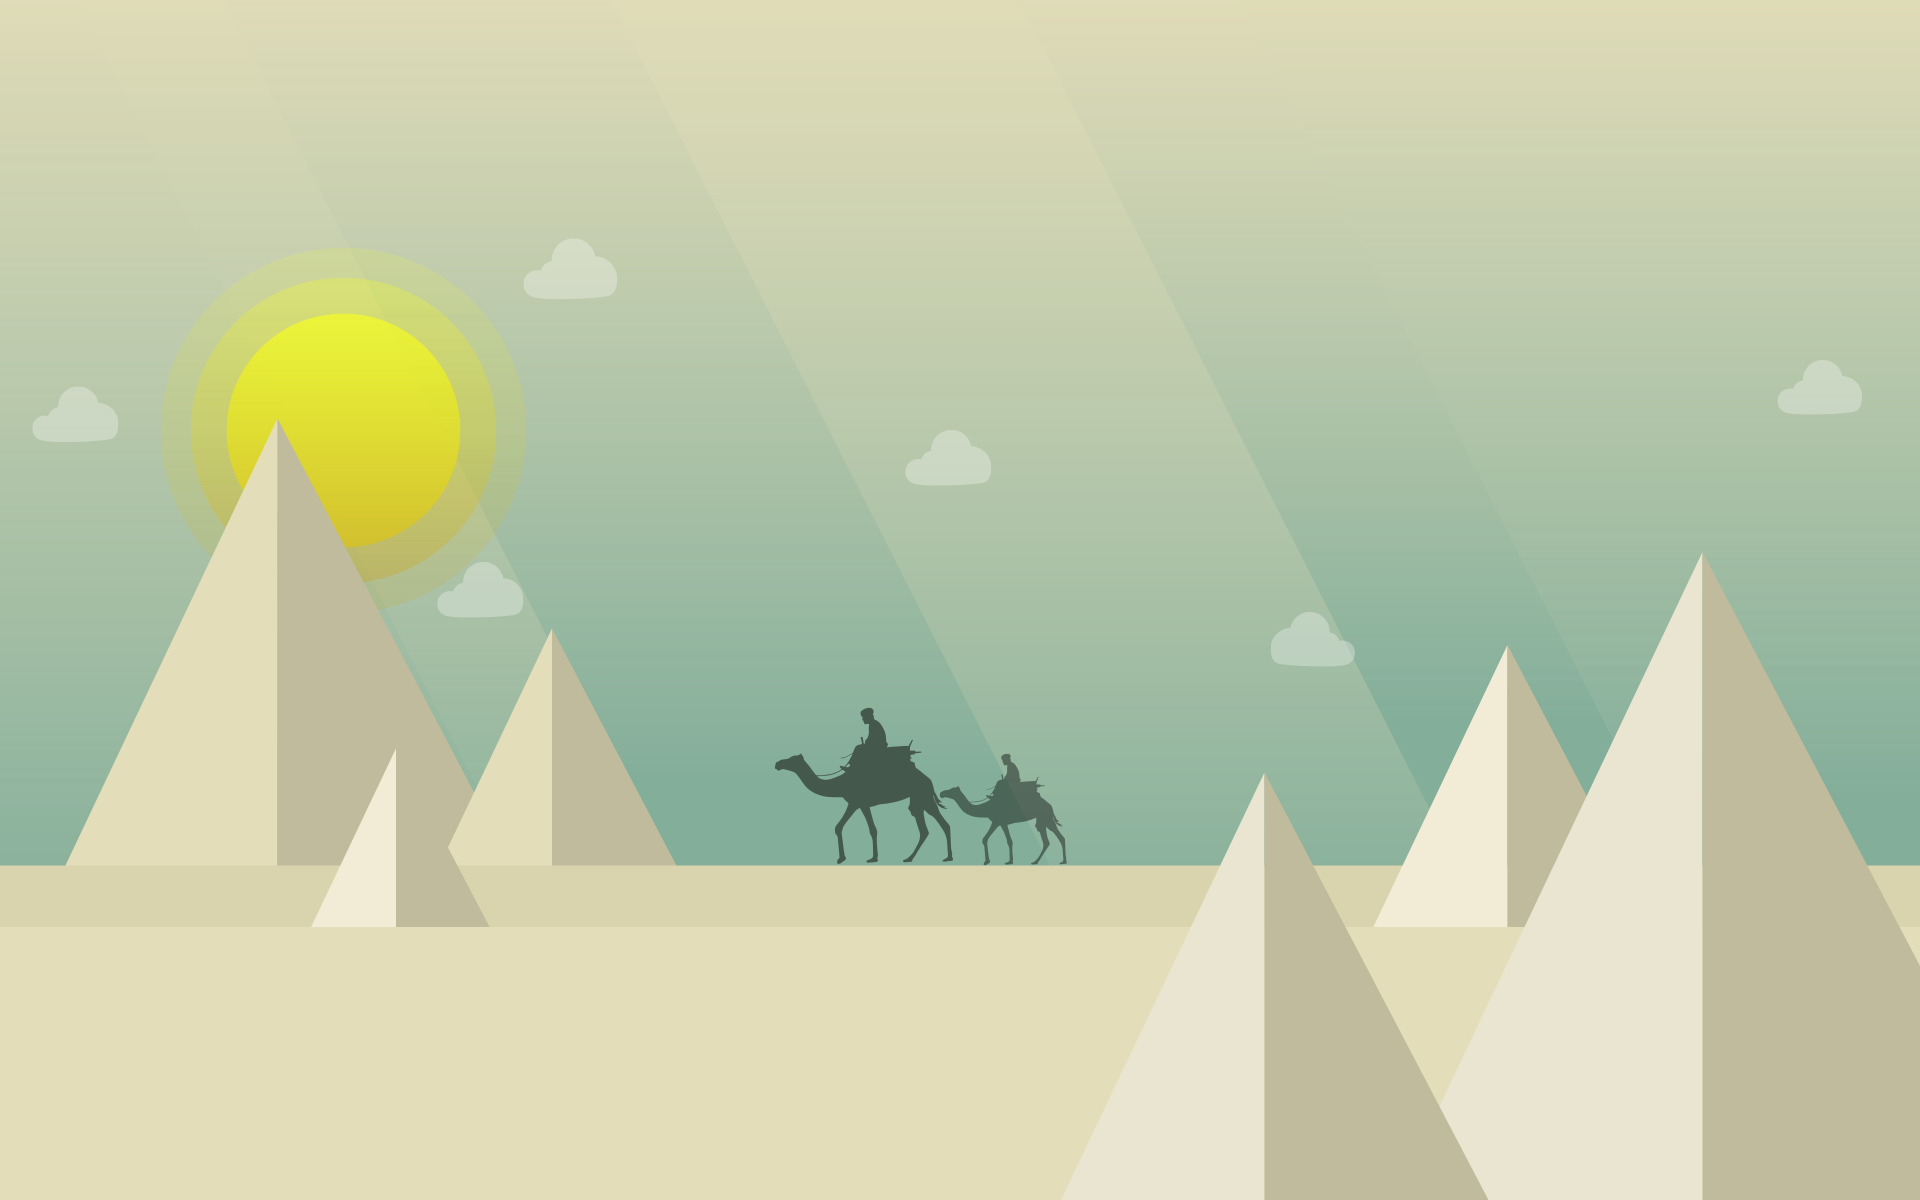 désert, chameaux, pyramides, Sun, nuages - Fonds d'écran HD - Professor-falken.com